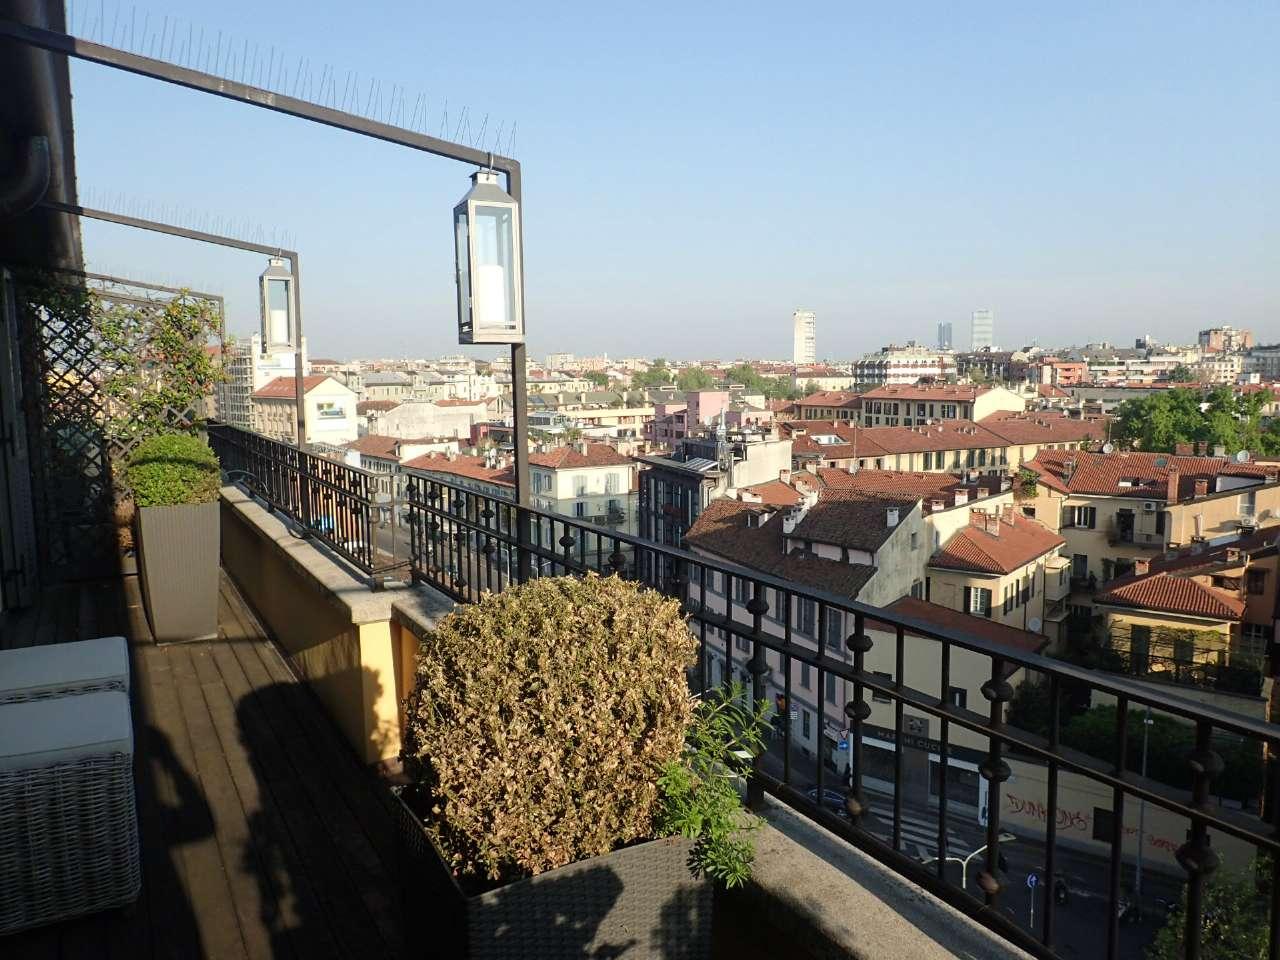 Attico / Mansarda in affitto a Milano, 3 locali, zona Zona: 8 . Bocconi, C.so Italia, Ticinese, Bligny, prezzo € 2.125 | Cambio Casa.it